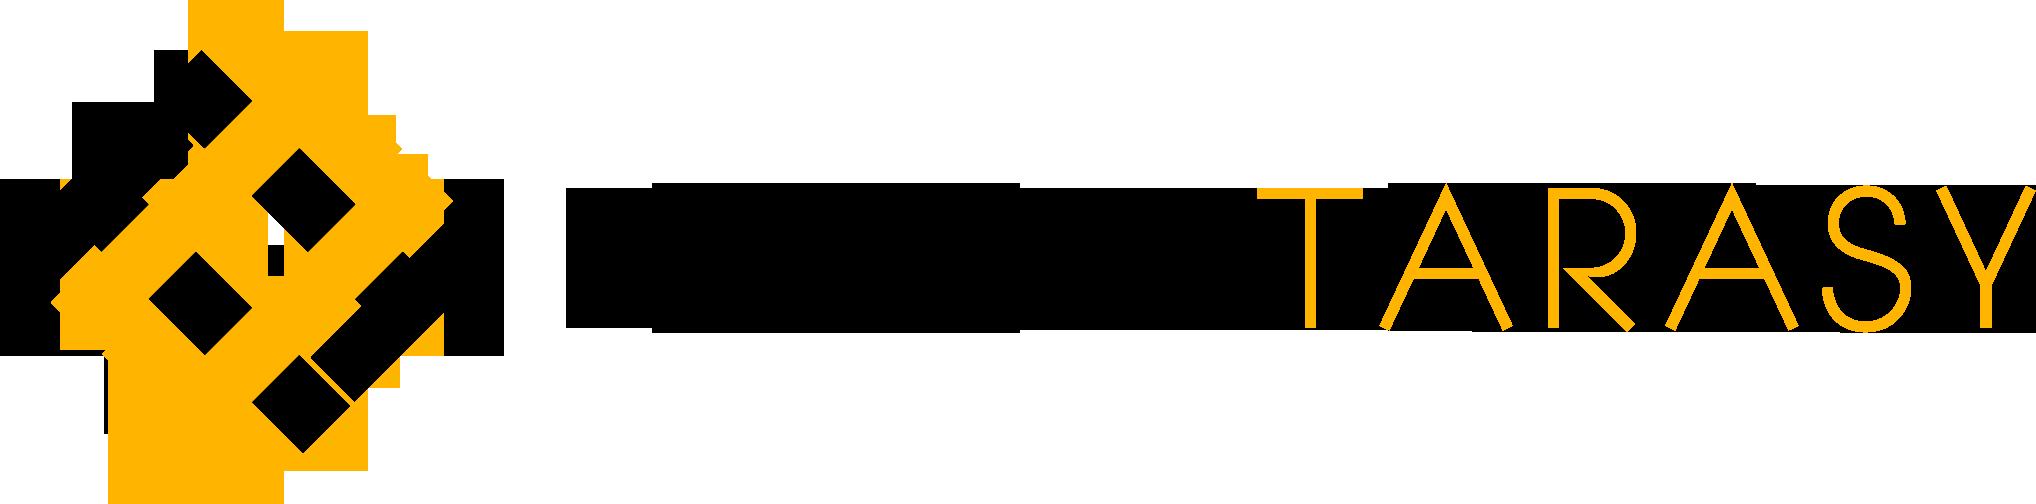 logo-tanie-tarasy